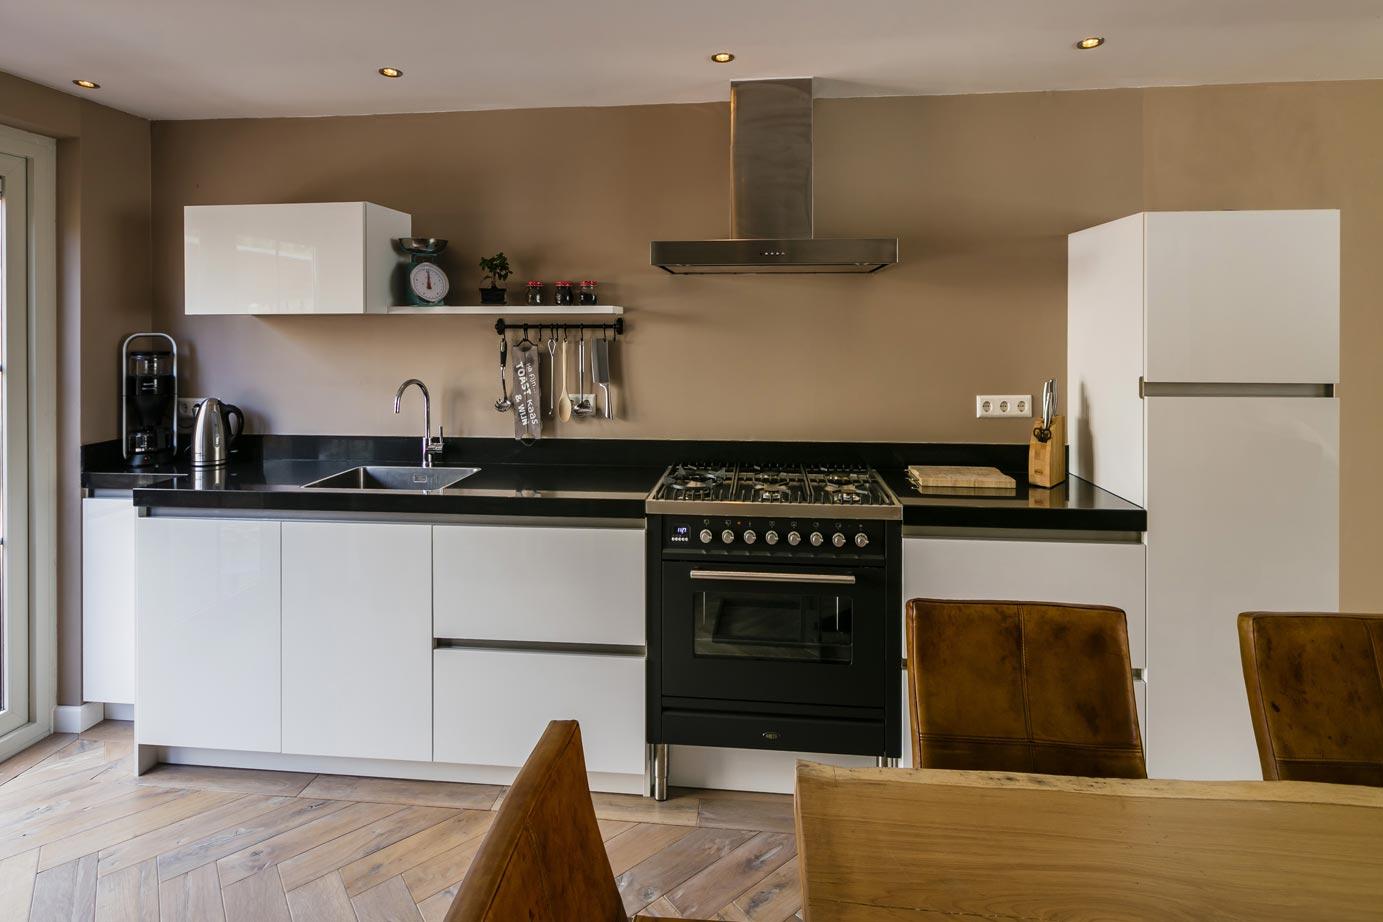 Keukens Kesteren Renovatie : Strakke keuken kopen lees onze bekijk voorbeelden db keukens